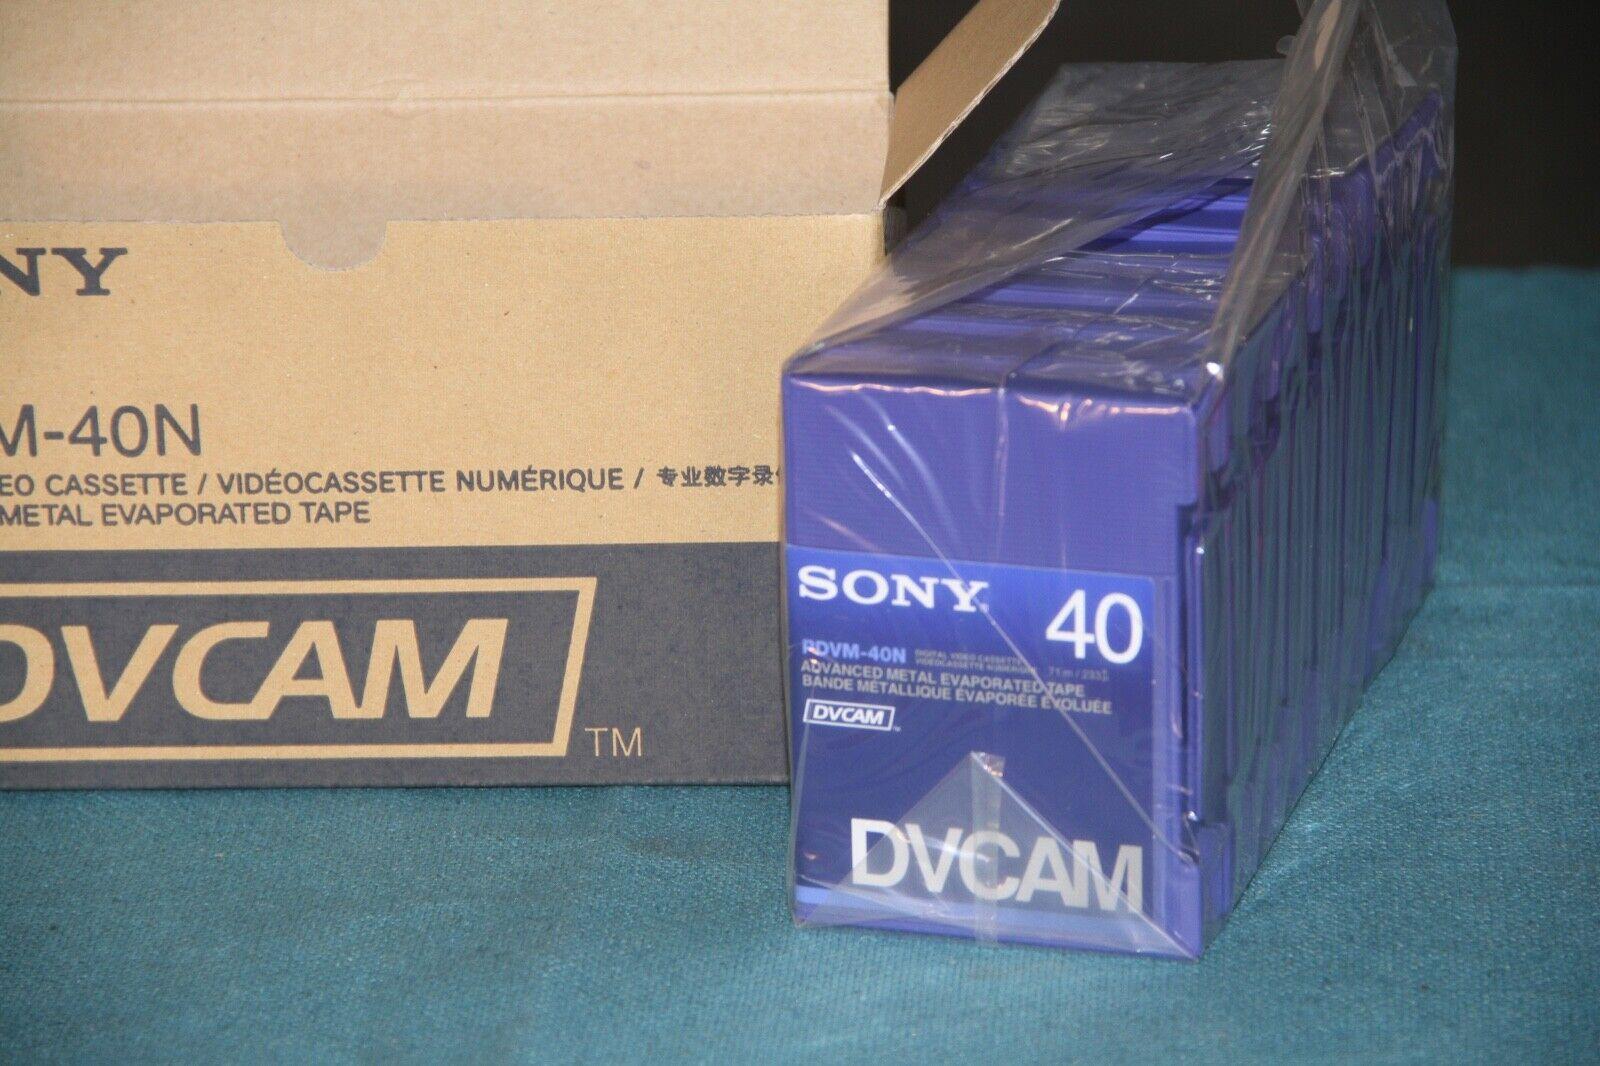 Sony DVCAM PDV-40N Video Cassette Tape - Brand New